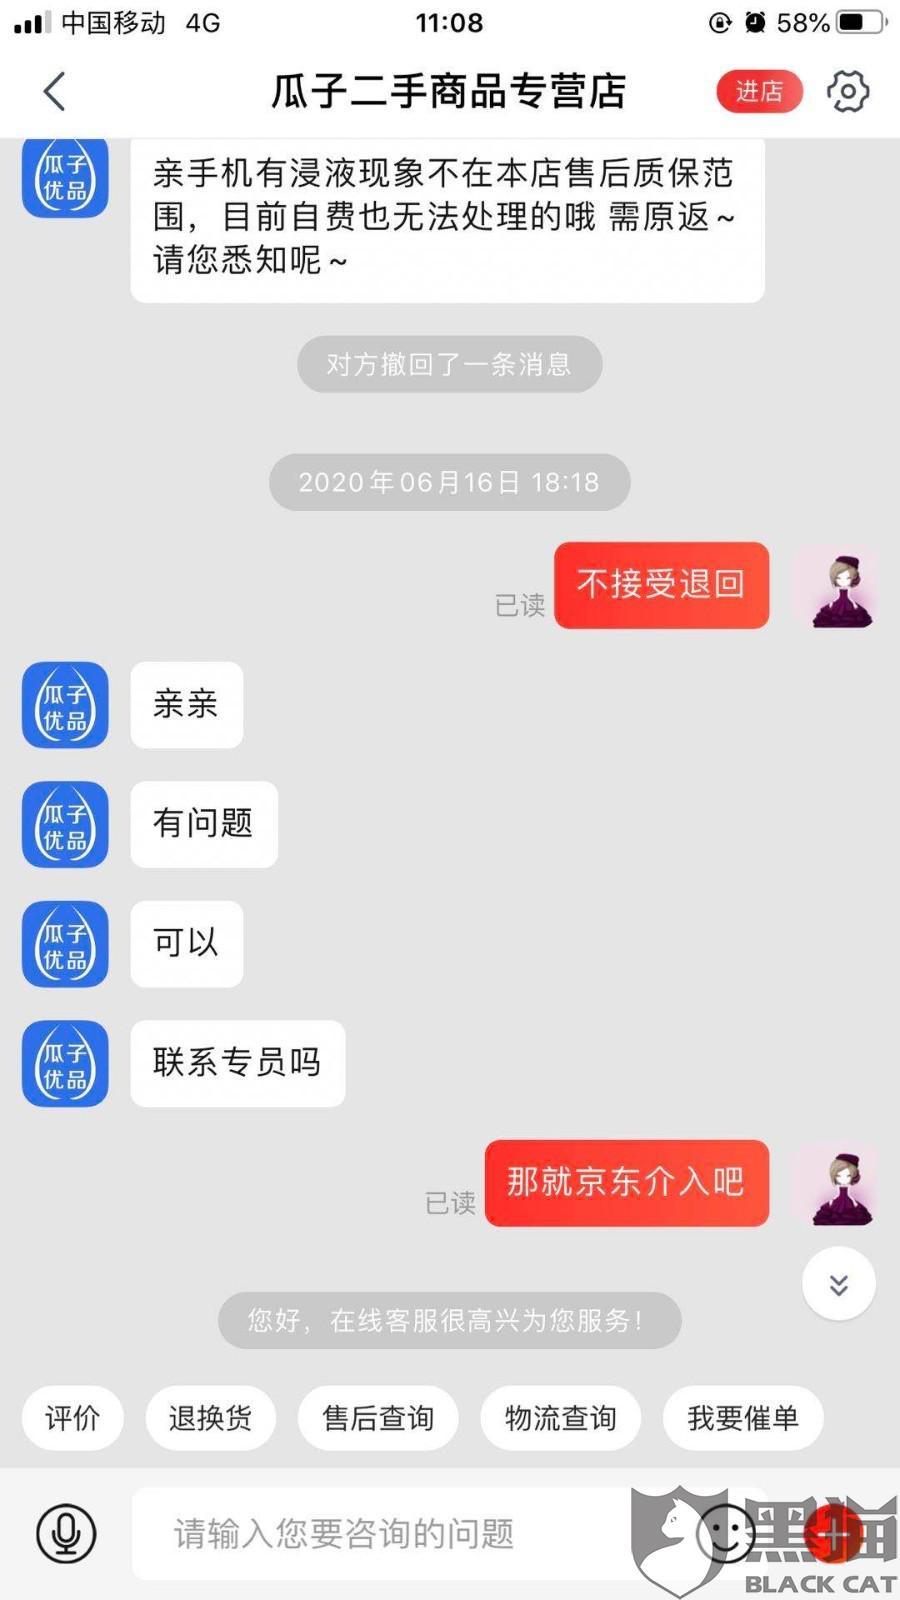 黑猫投诉:京东物流造成产品破损导致退货不成功!赔偿遥遥无期!